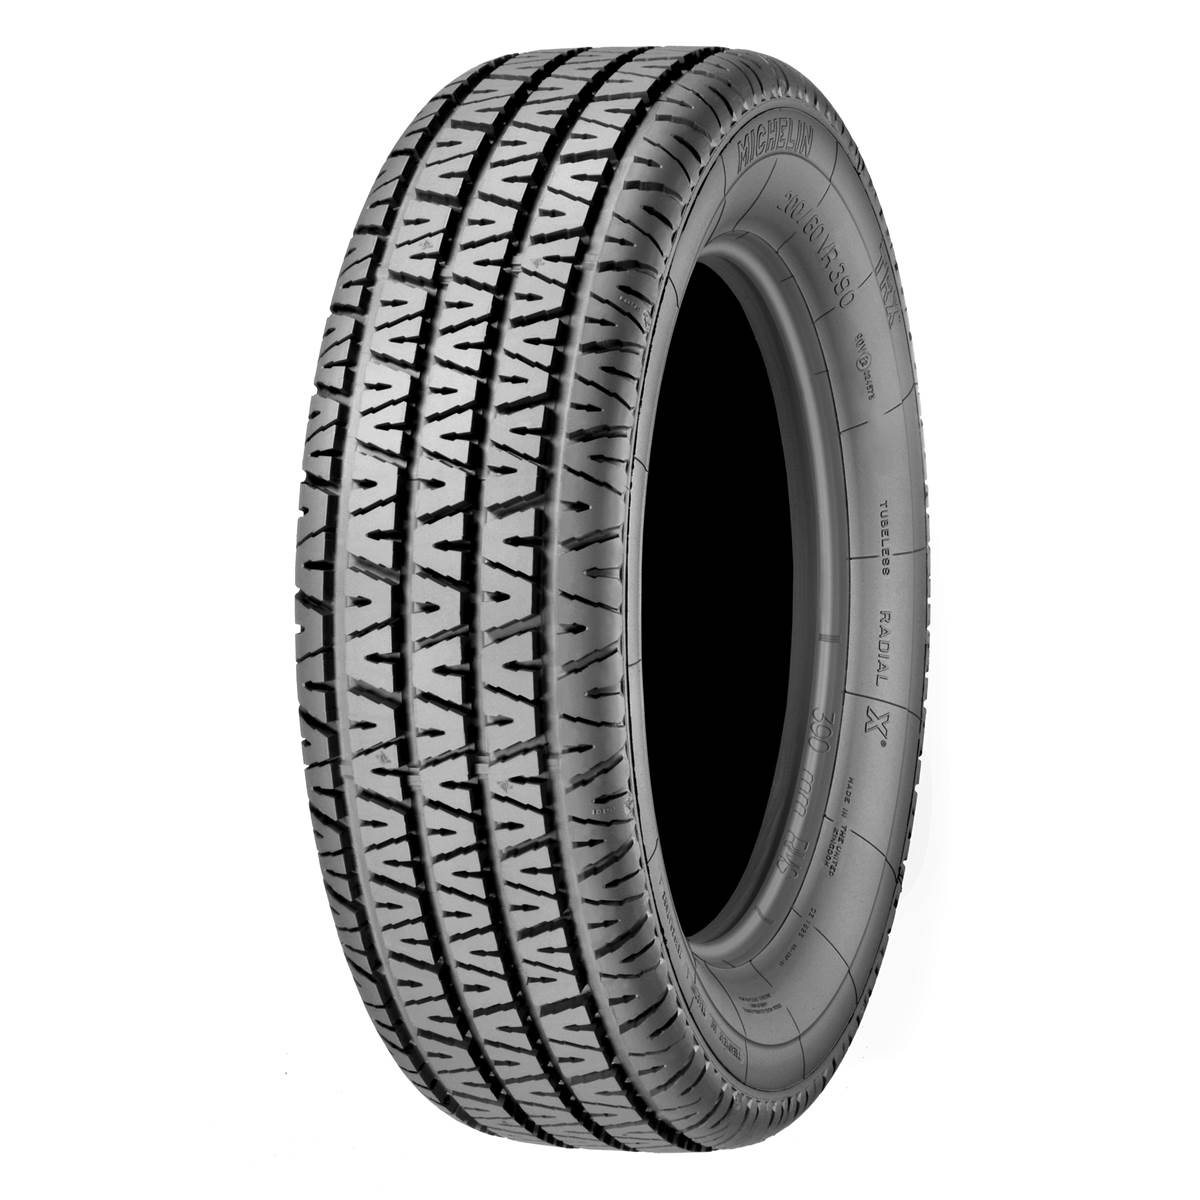 pneus 220 achat vente de pneus pas cher. Black Bedroom Furniture Sets. Home Design Ideas